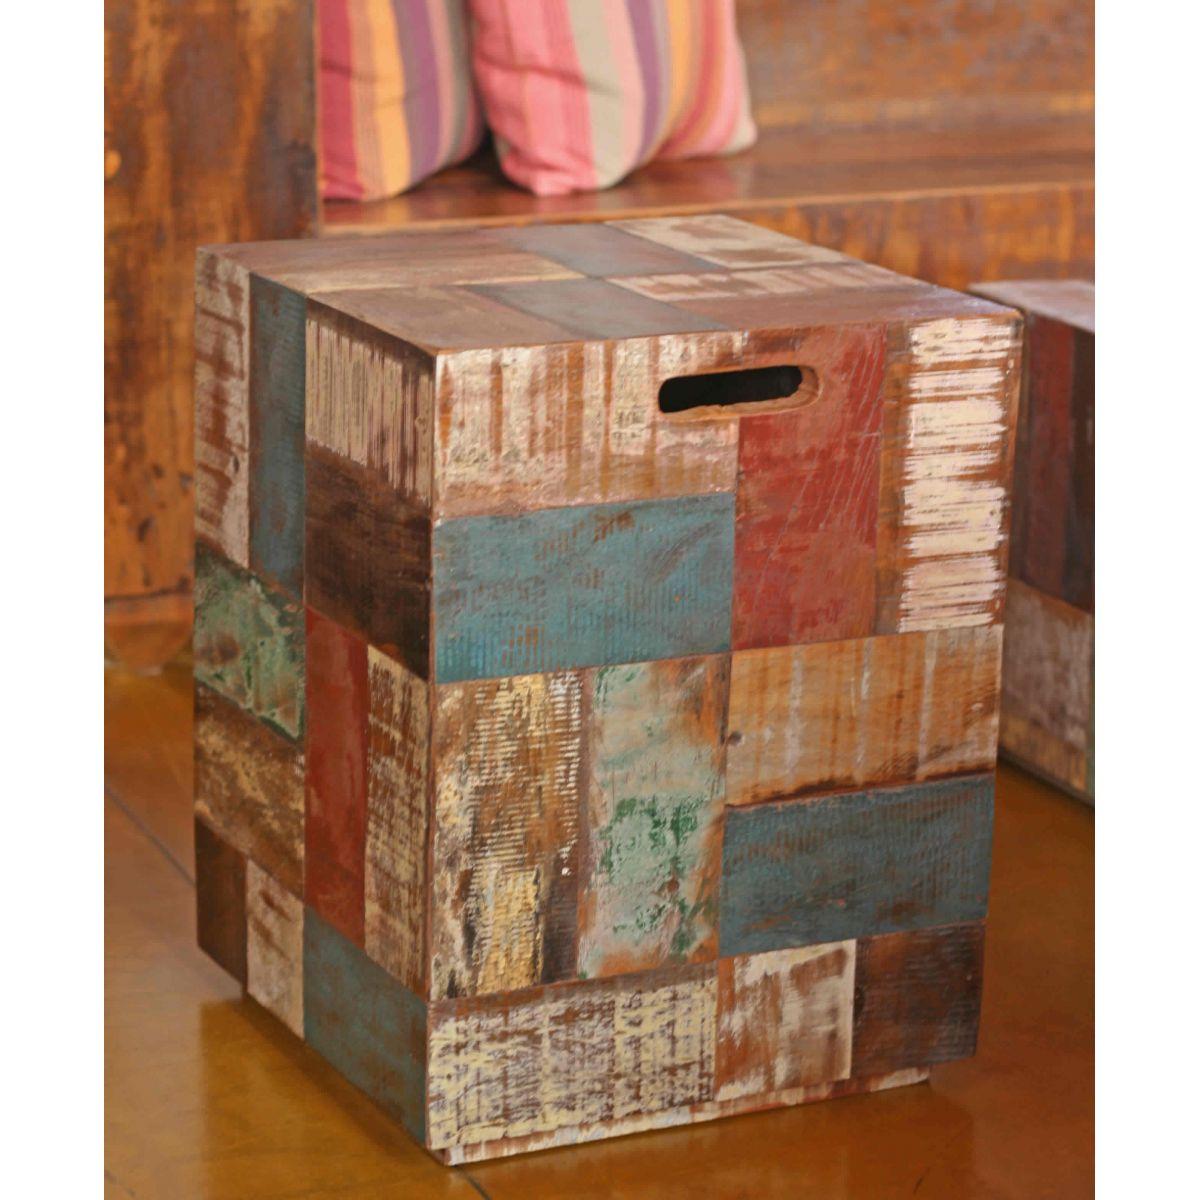 Banco Retalho De Madeira De Demolição Medindo 35 x 35 x 45